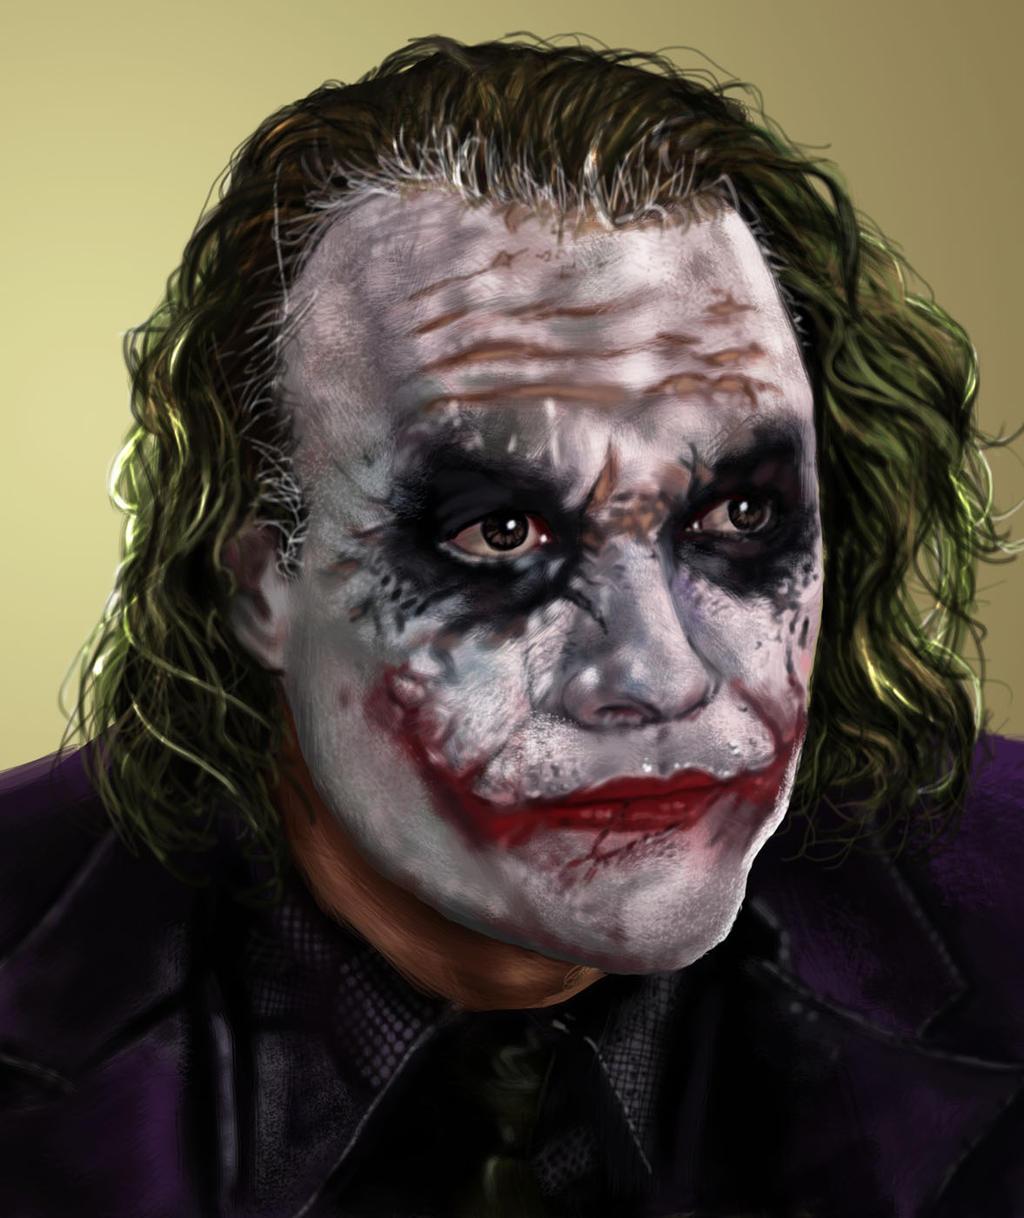 Joker speedpaint by osx-mkx